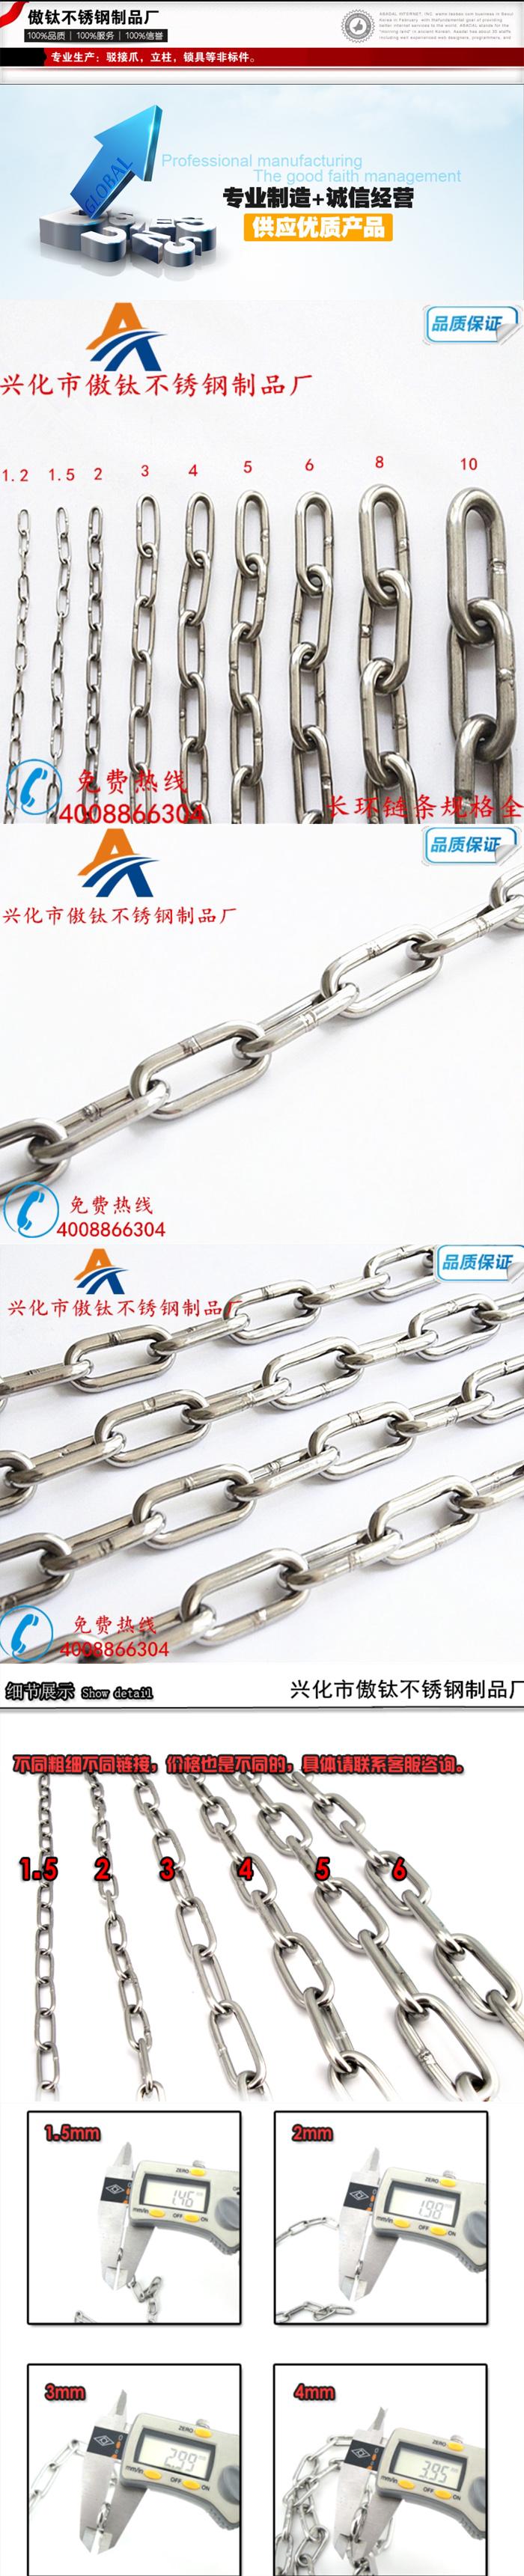 【建材厂家】304不锈钢链条M4长环链条